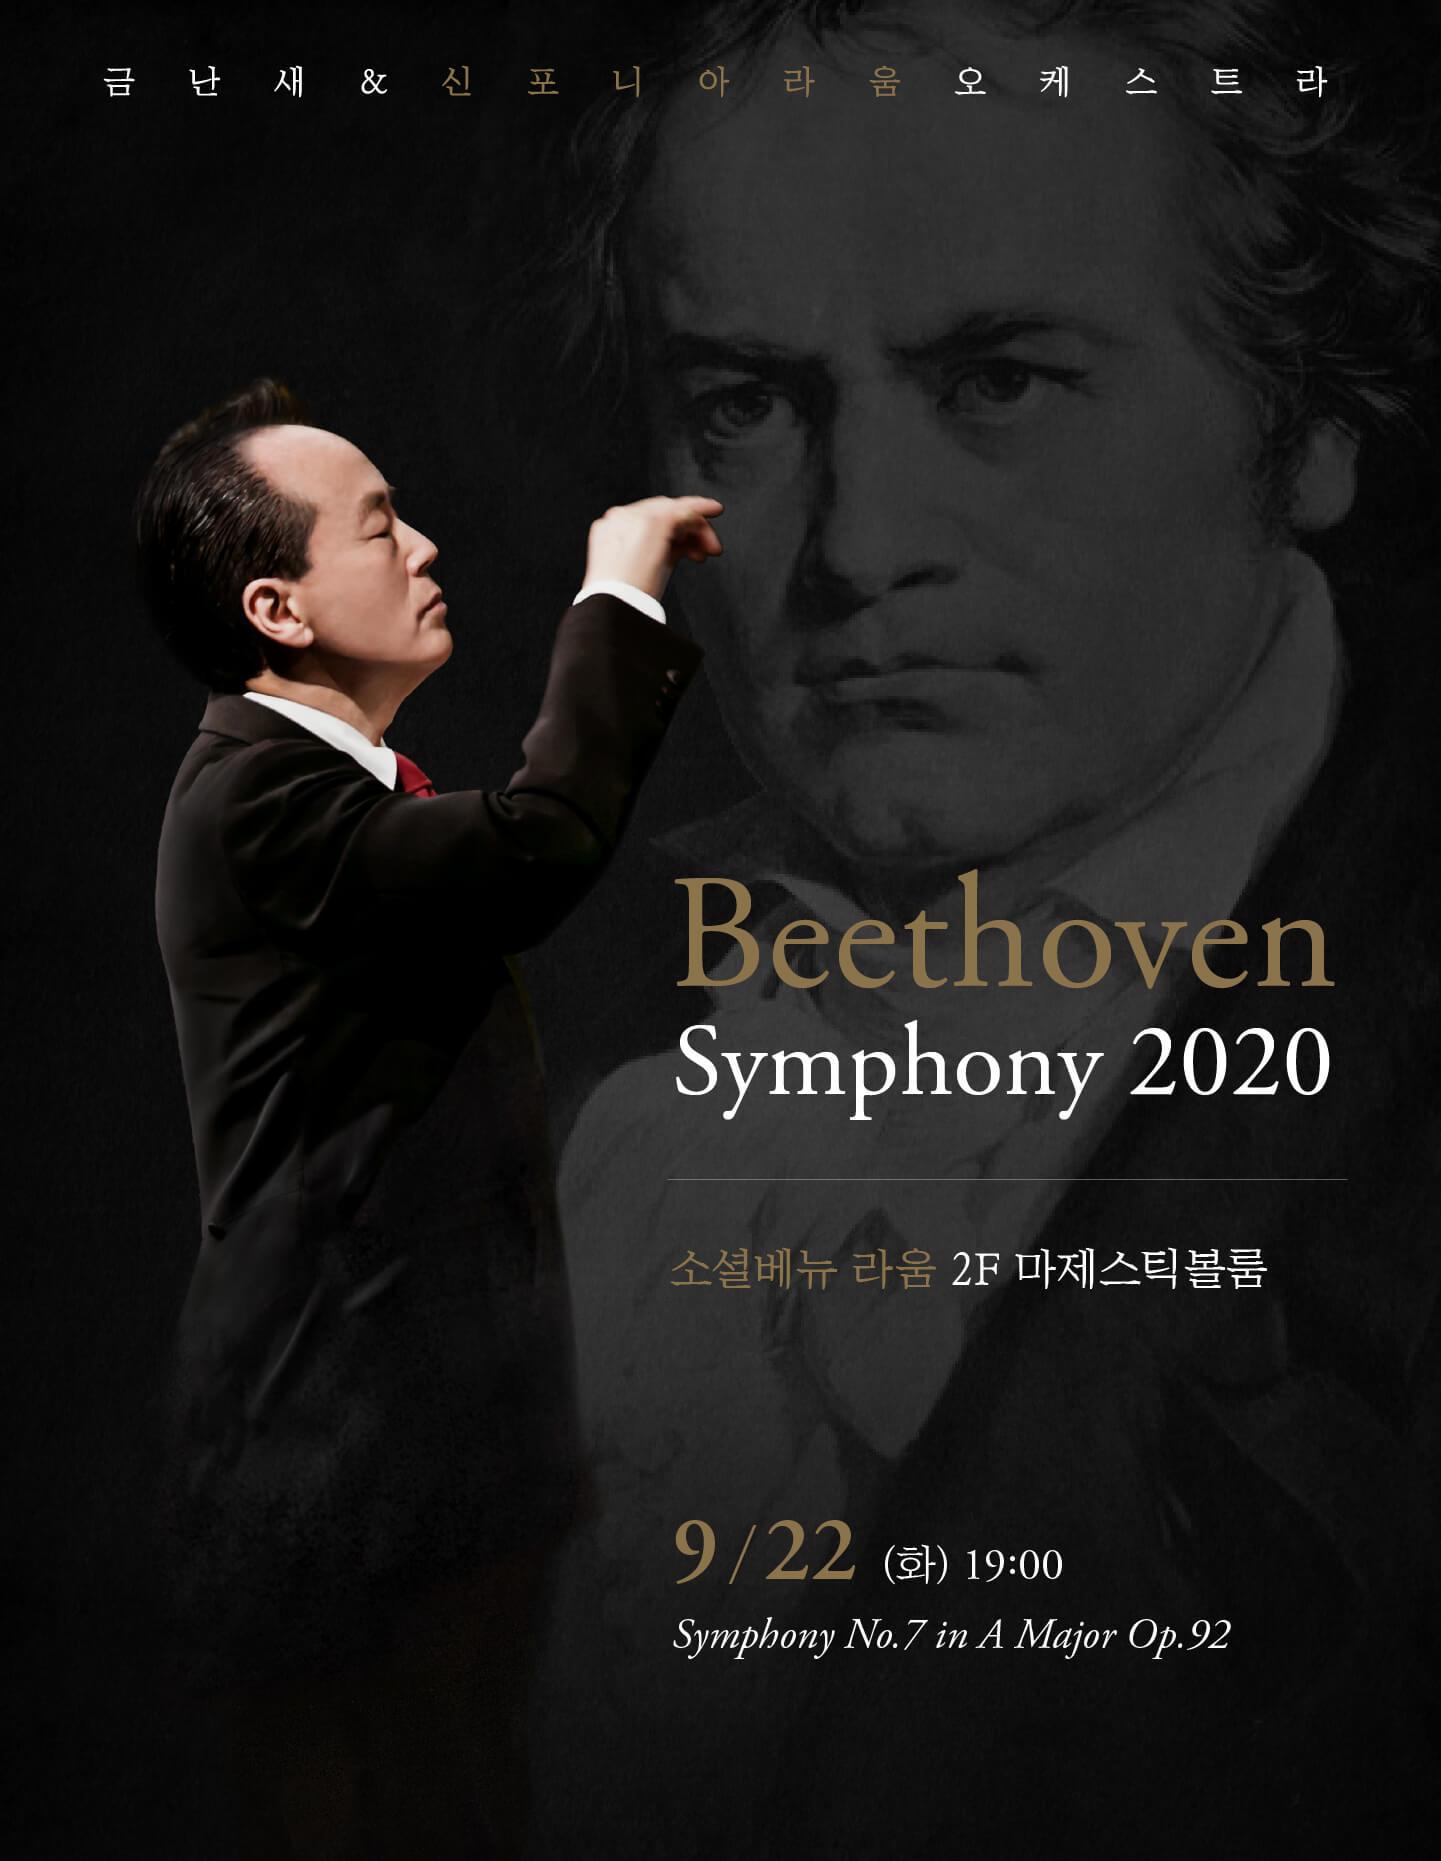 2020 금난새&신포니아라움<br> 베토벤 심포니 No.7